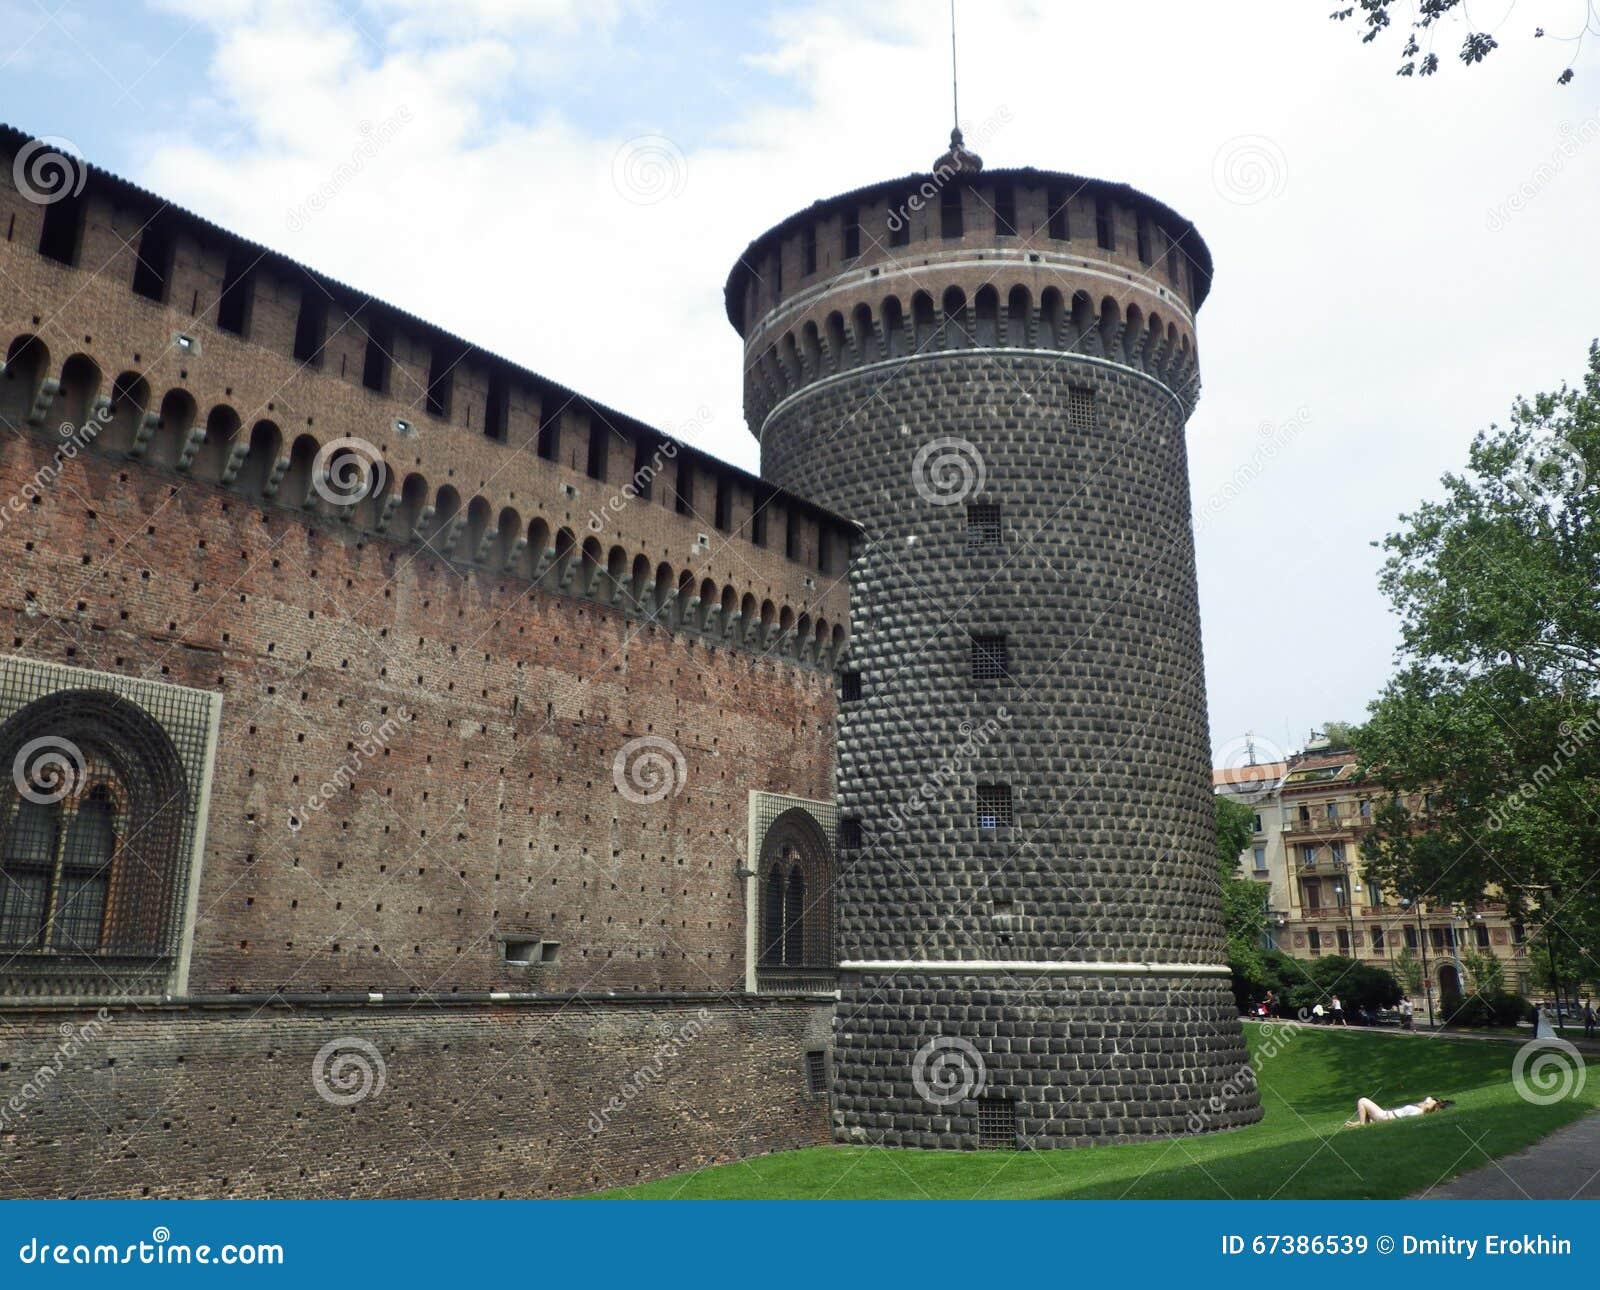 Italy. Castello Sforzesco di Milano. Tower